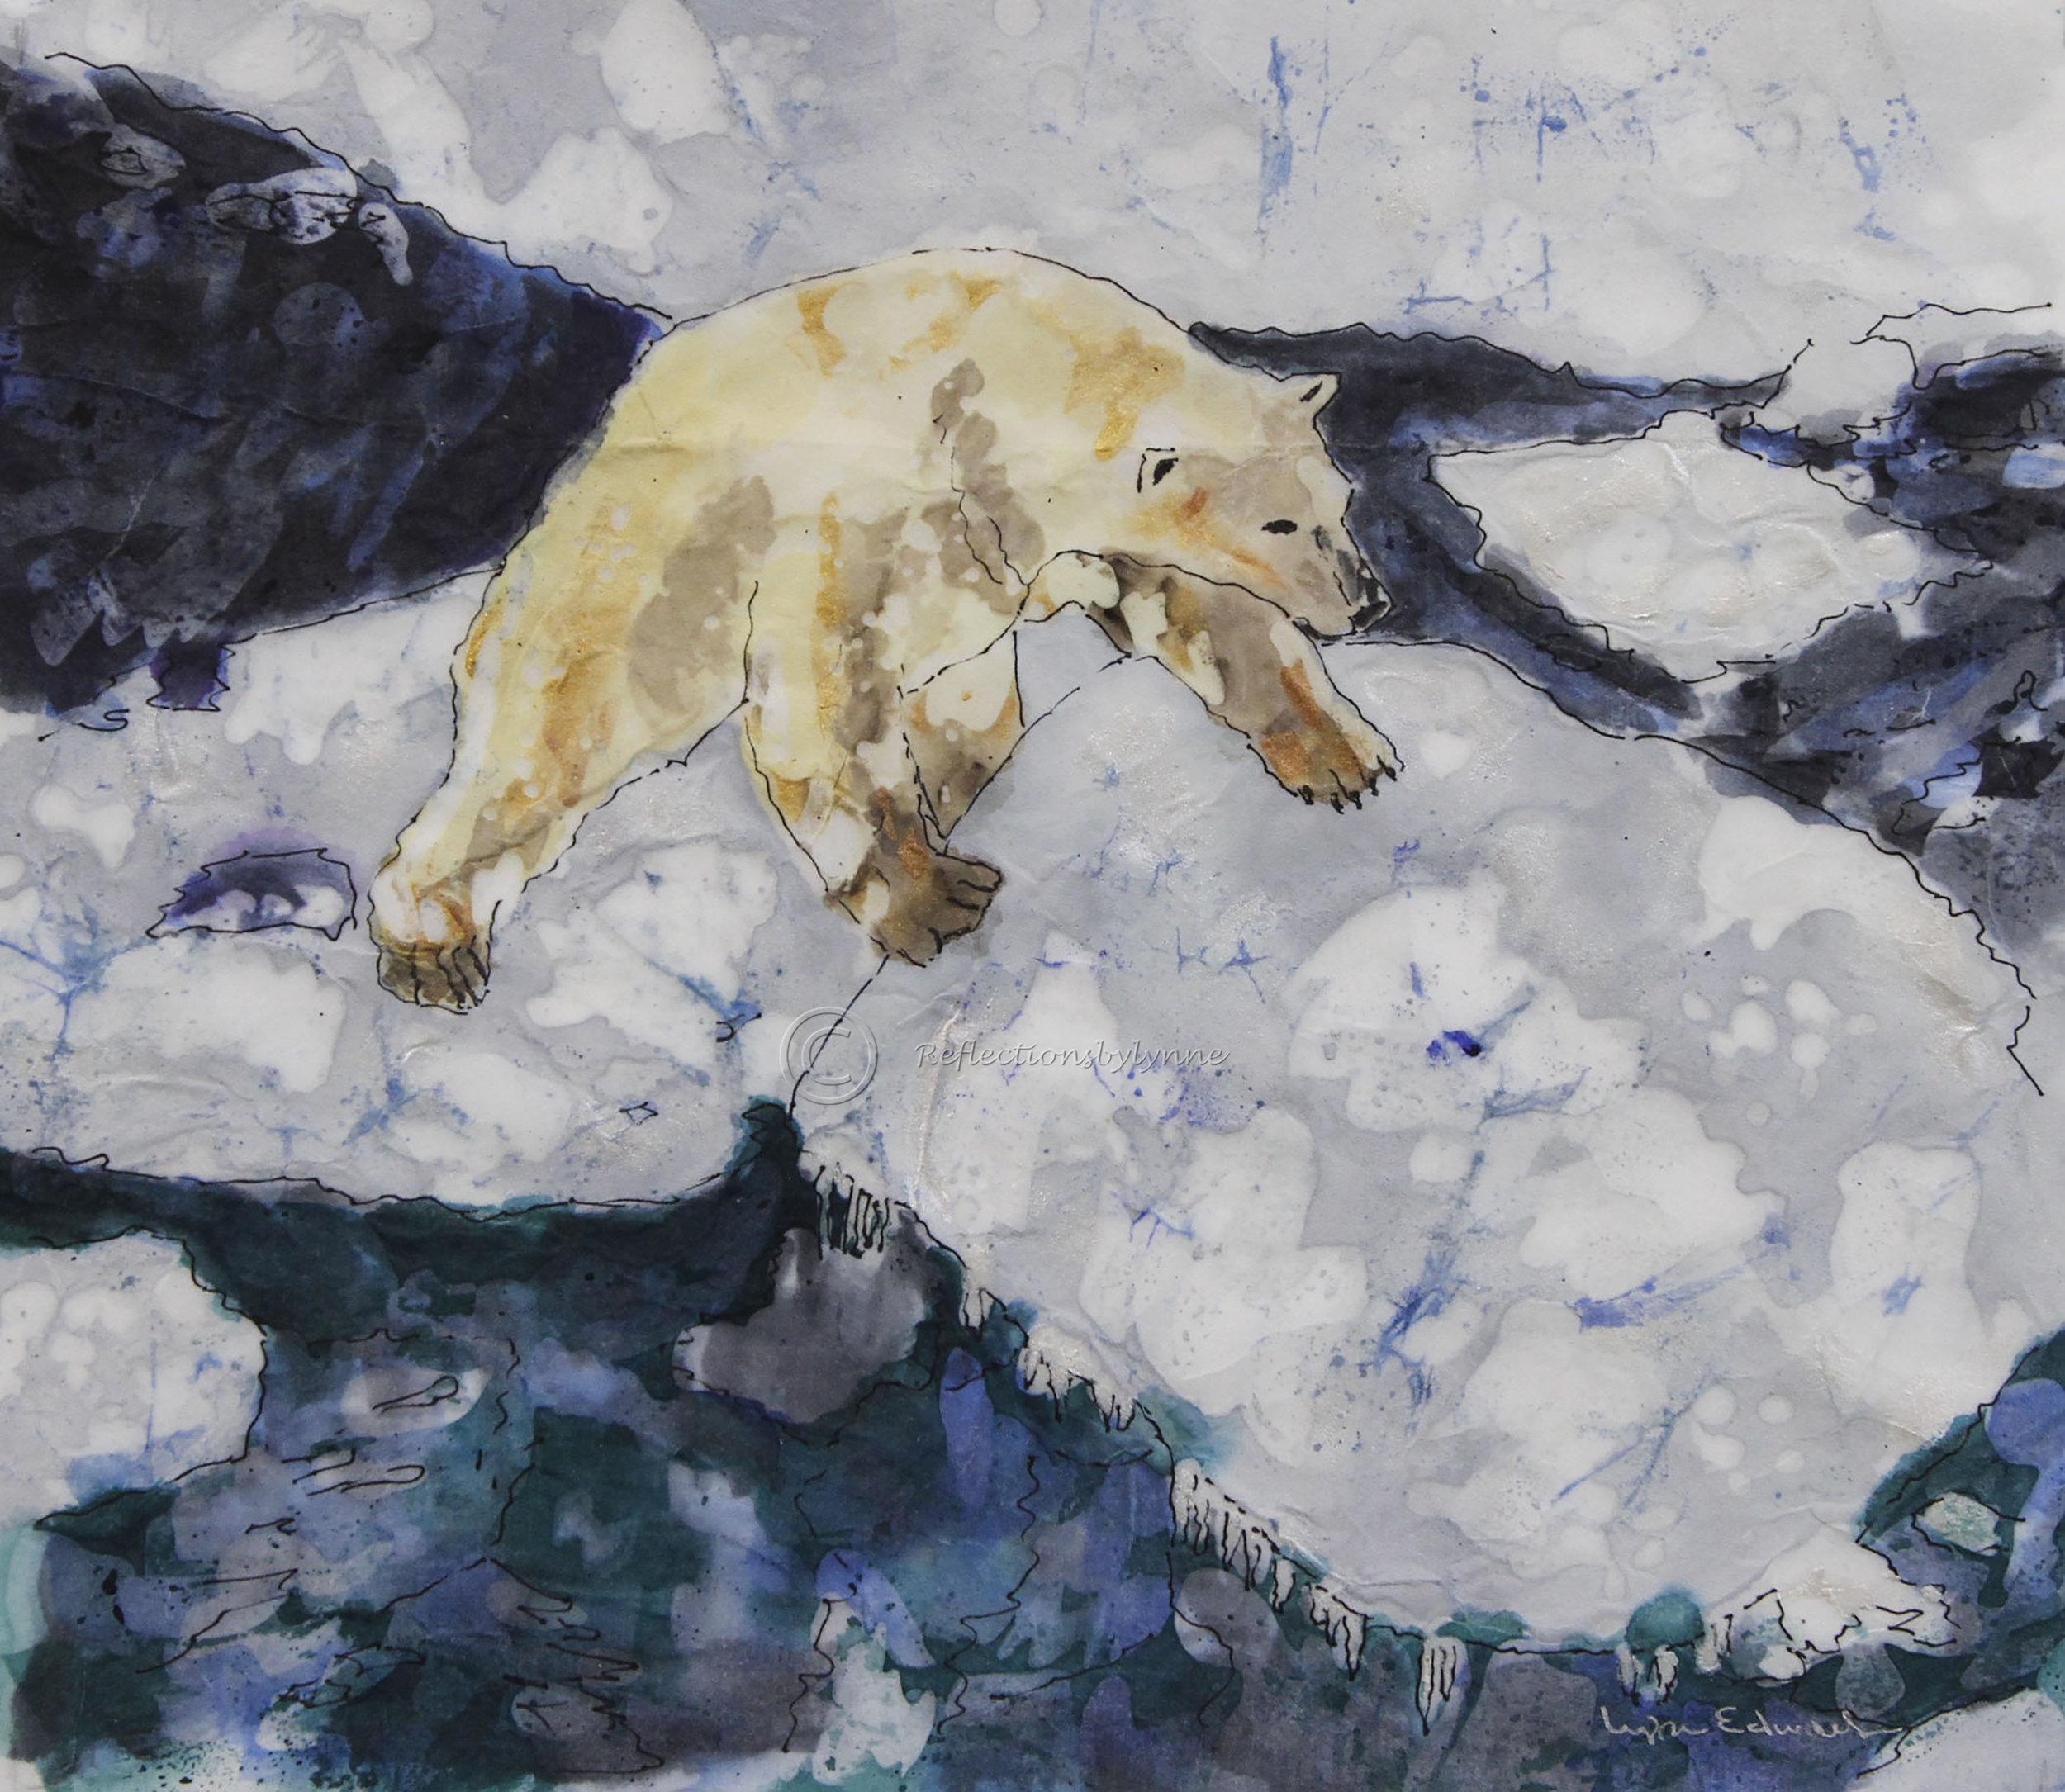 Edwards_Polar Bear on the move.jpg